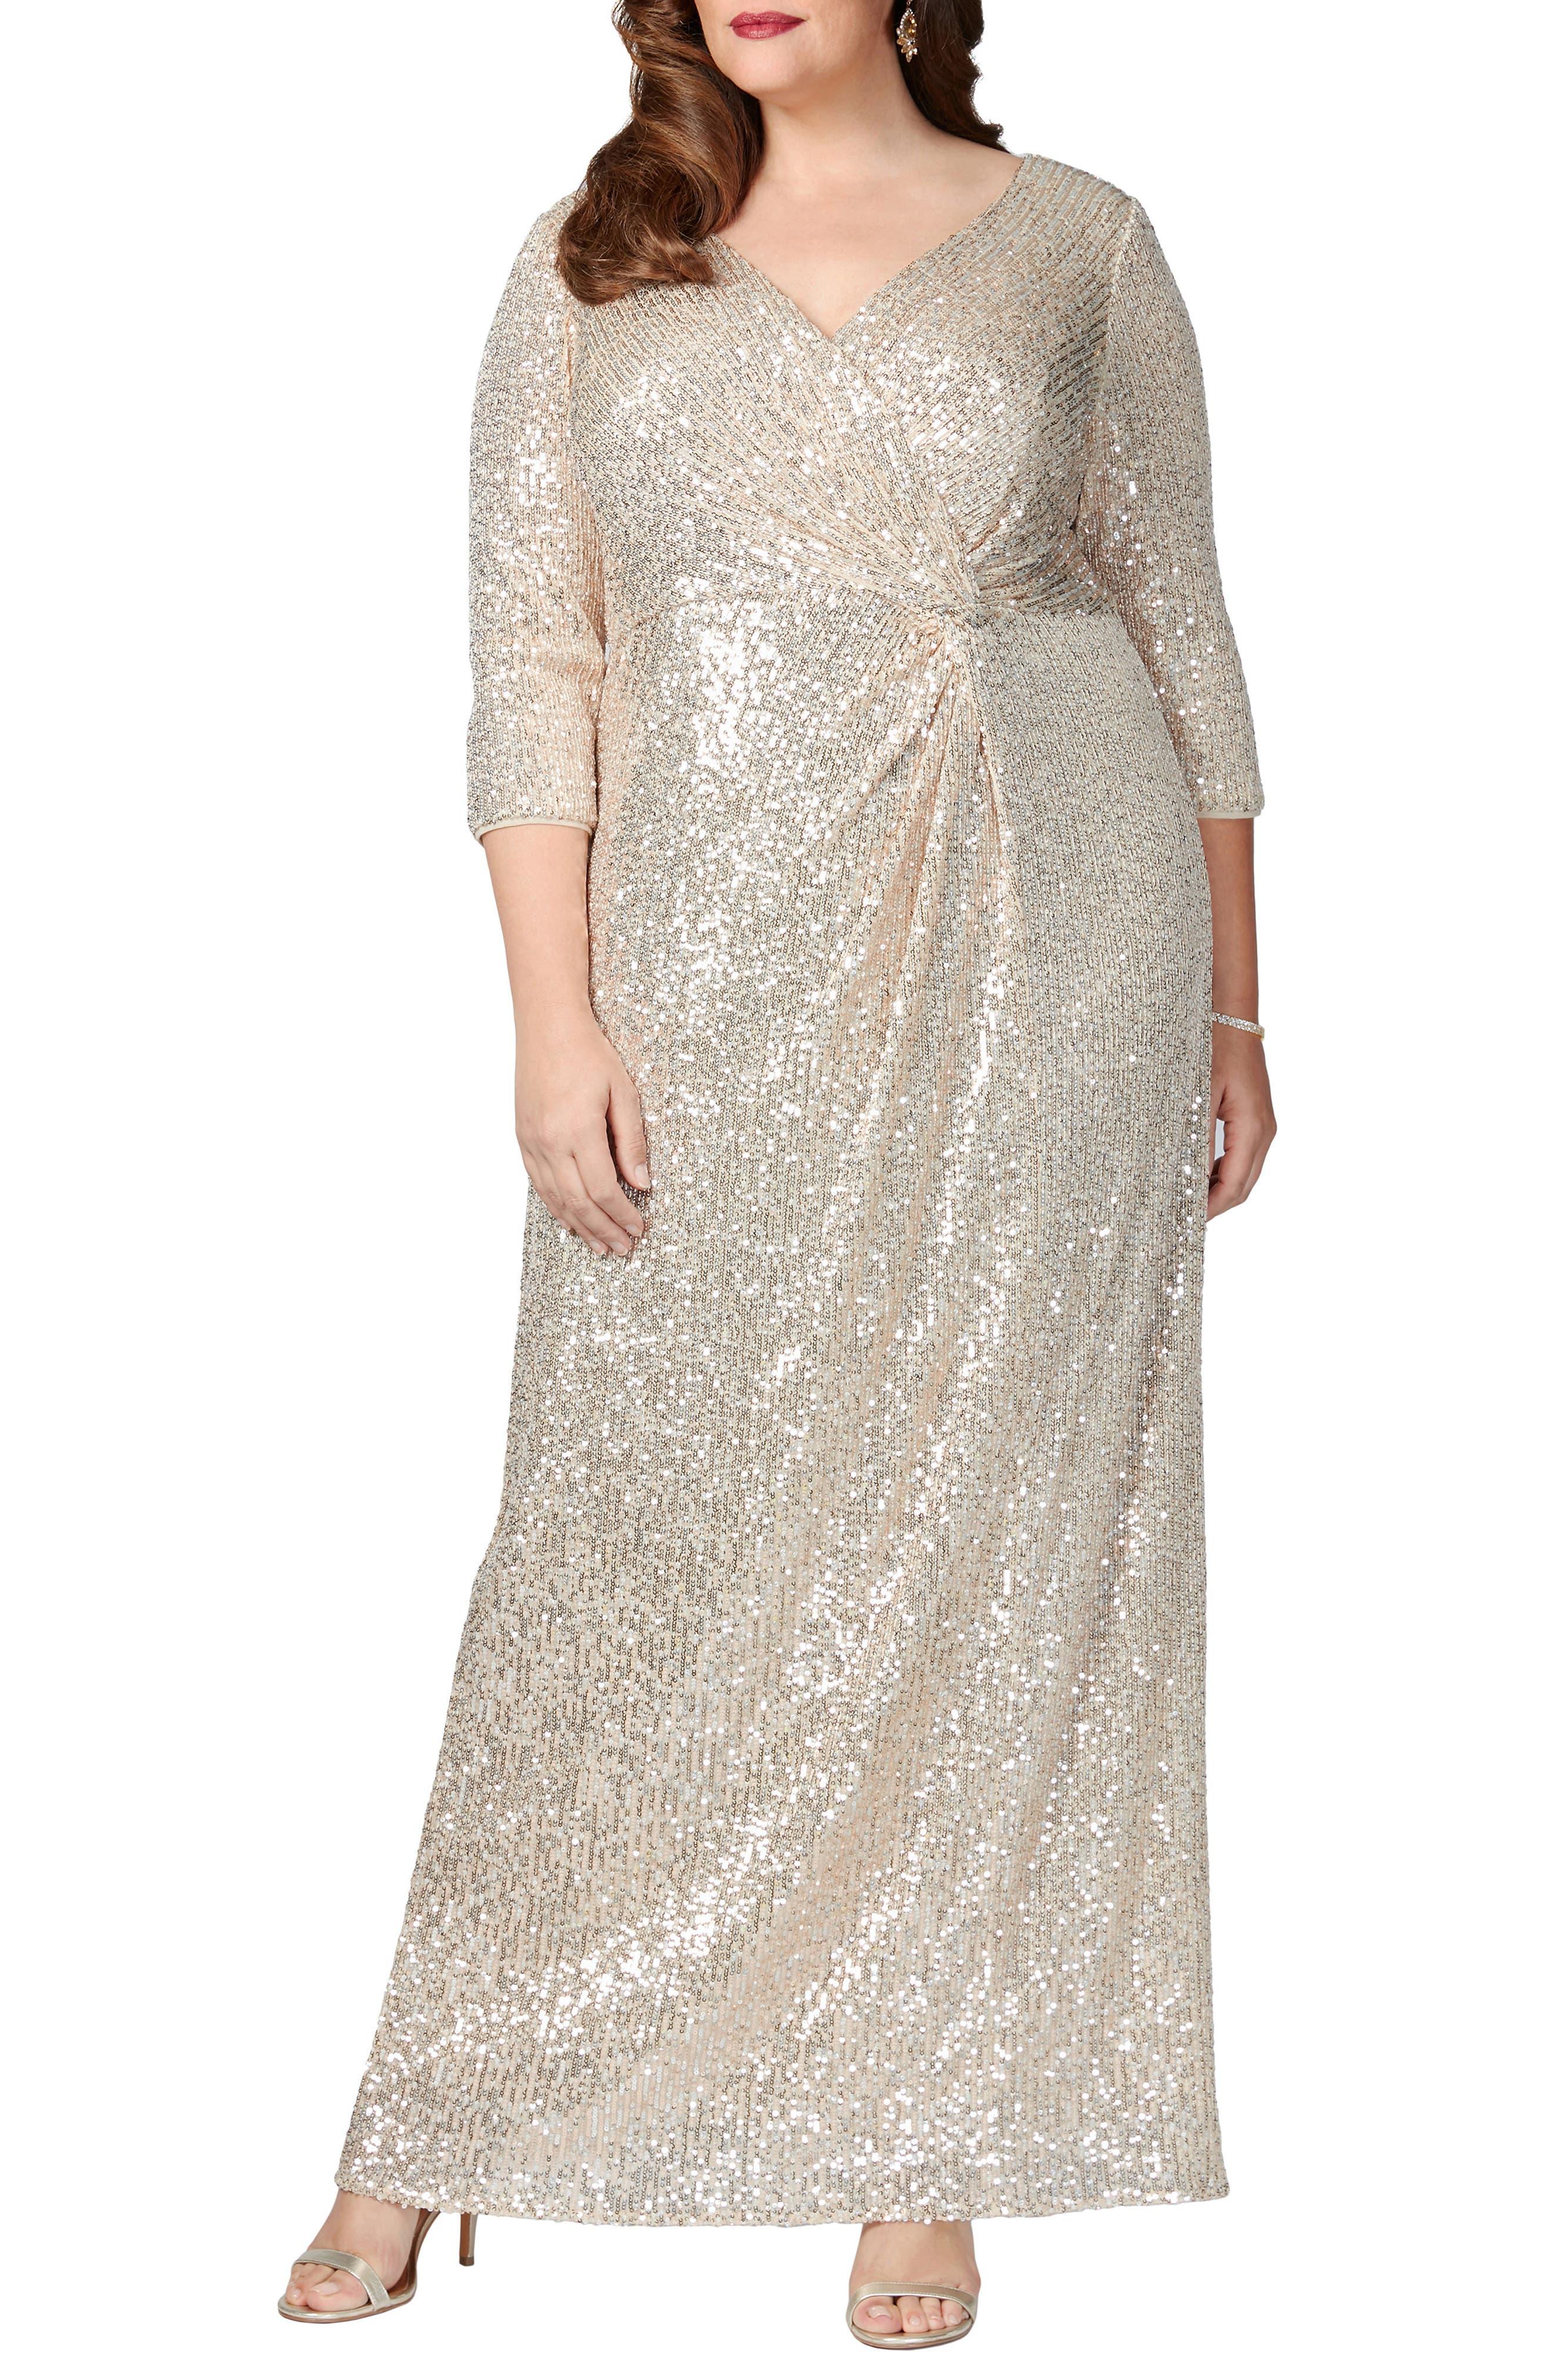 70s Sequin Dresses, Disco Dresses Plus Size Womens Alex Evenings Sequin Column Gown Size 20W - Green $245.00 AT vintagedancer.com